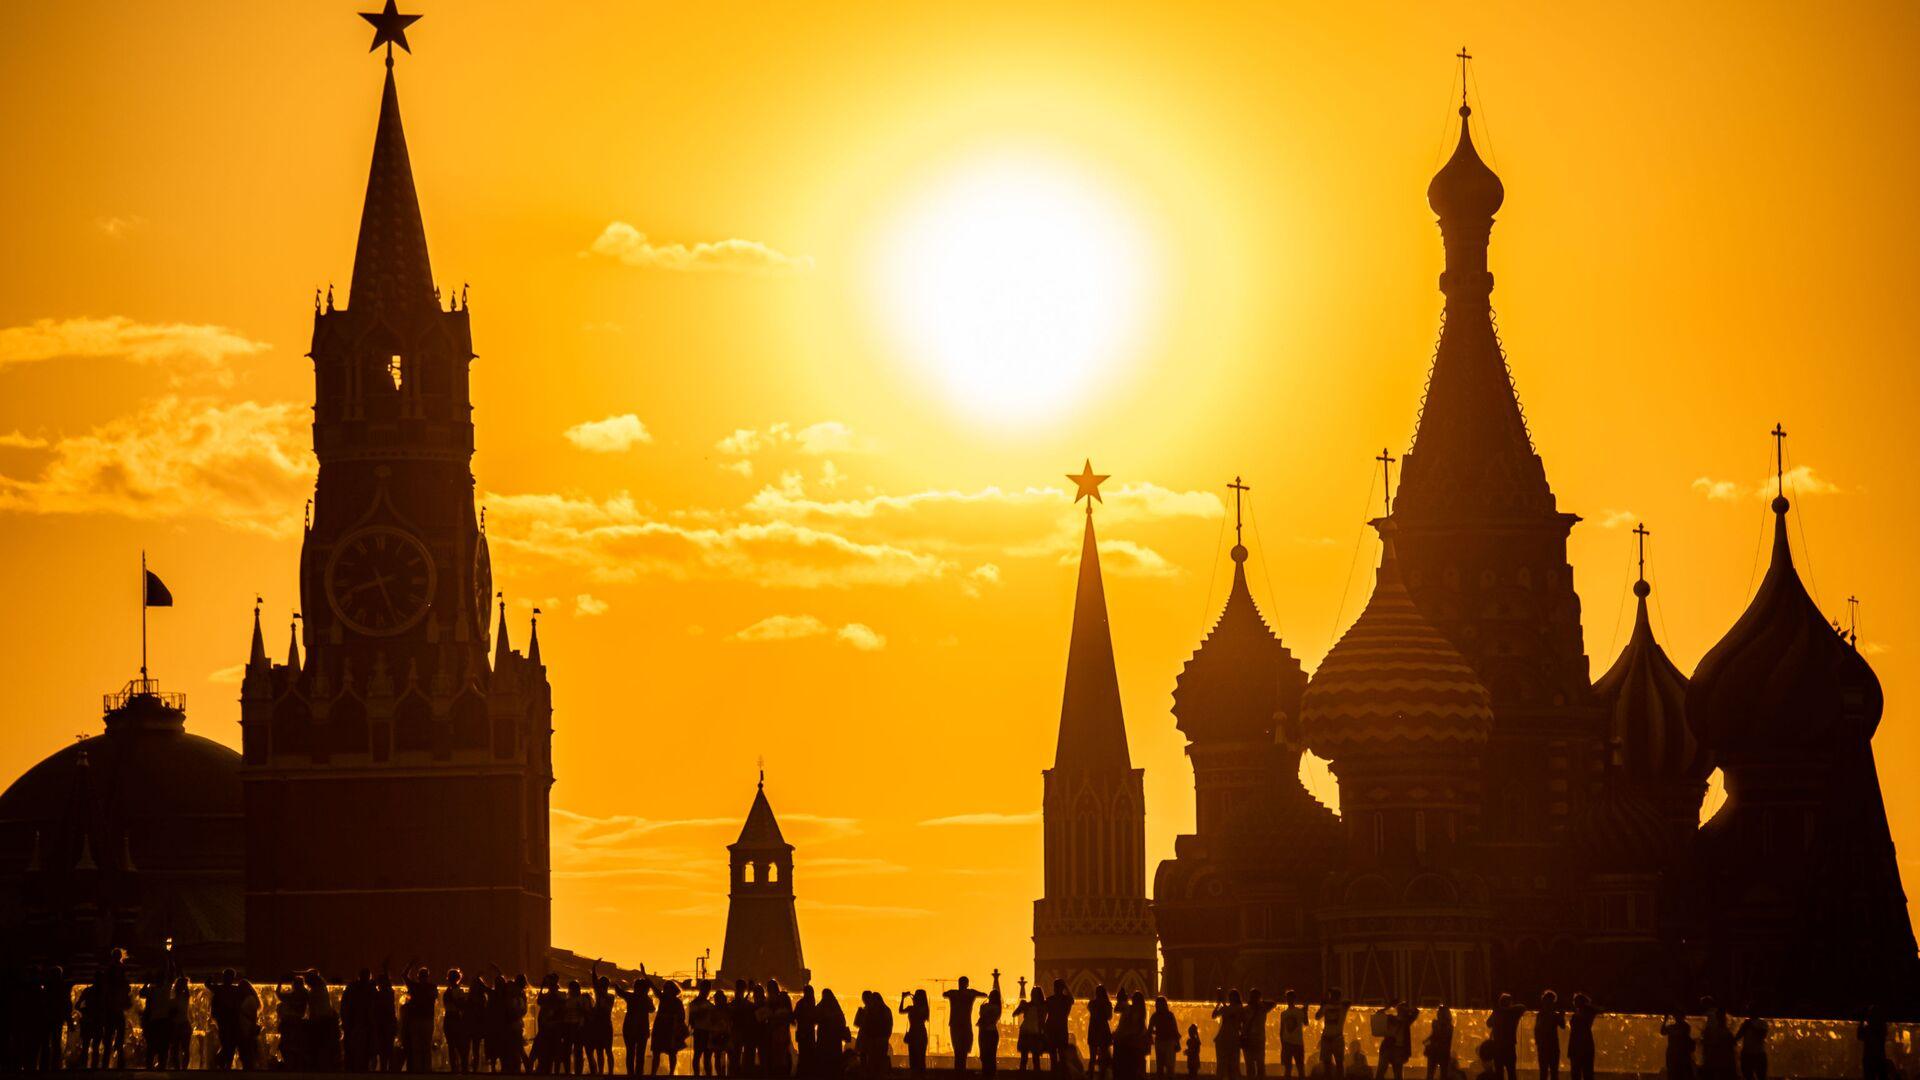 Výhled na Kreml v Moskvě. Ilustrační foto - Sputnik Česká republika, 1920, 29.07.2021